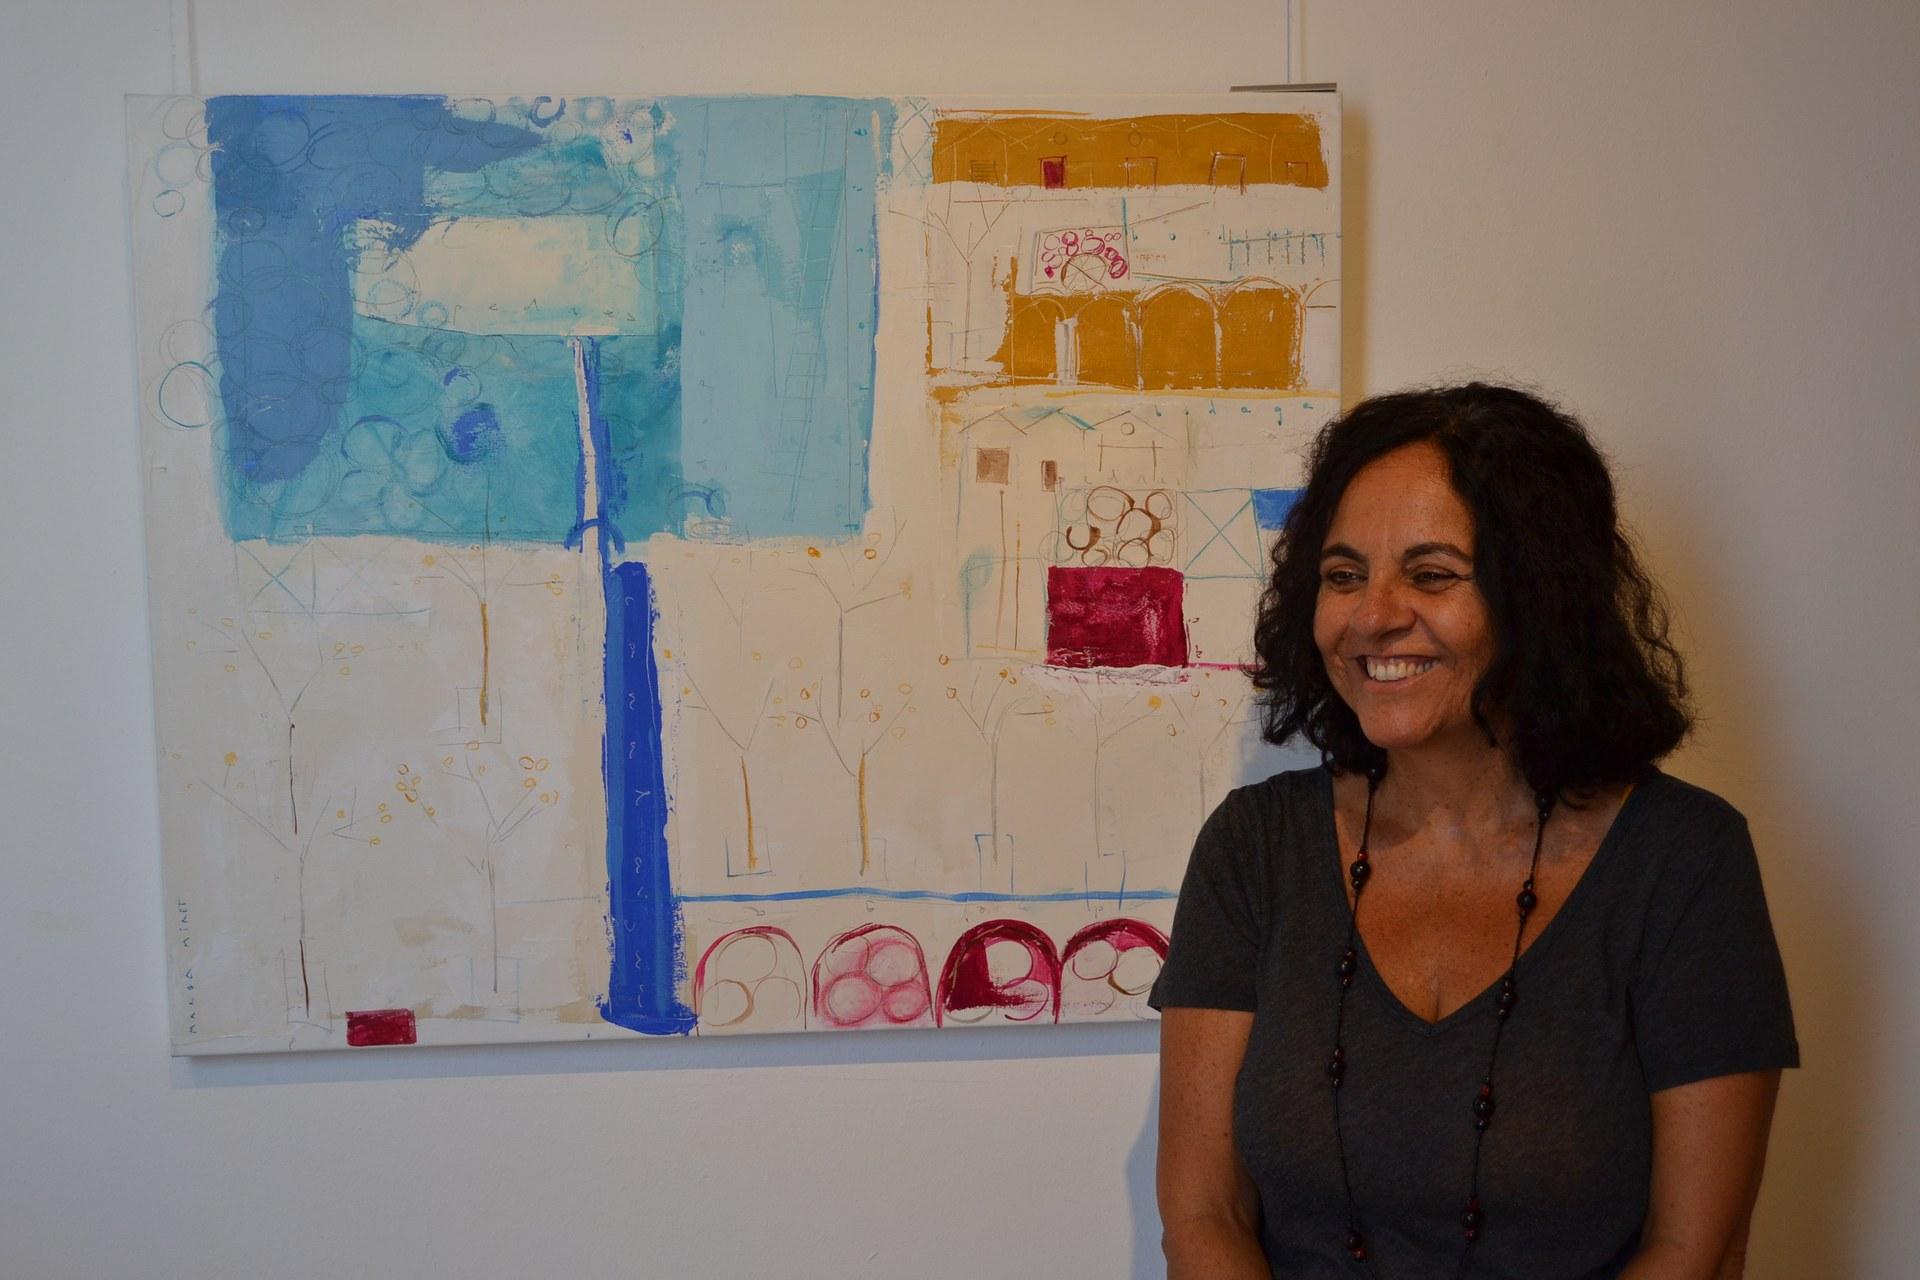 La pintora Marga Miret plasma el seu llenguatge plàstic en una mostra al Centre Cultural Miramar